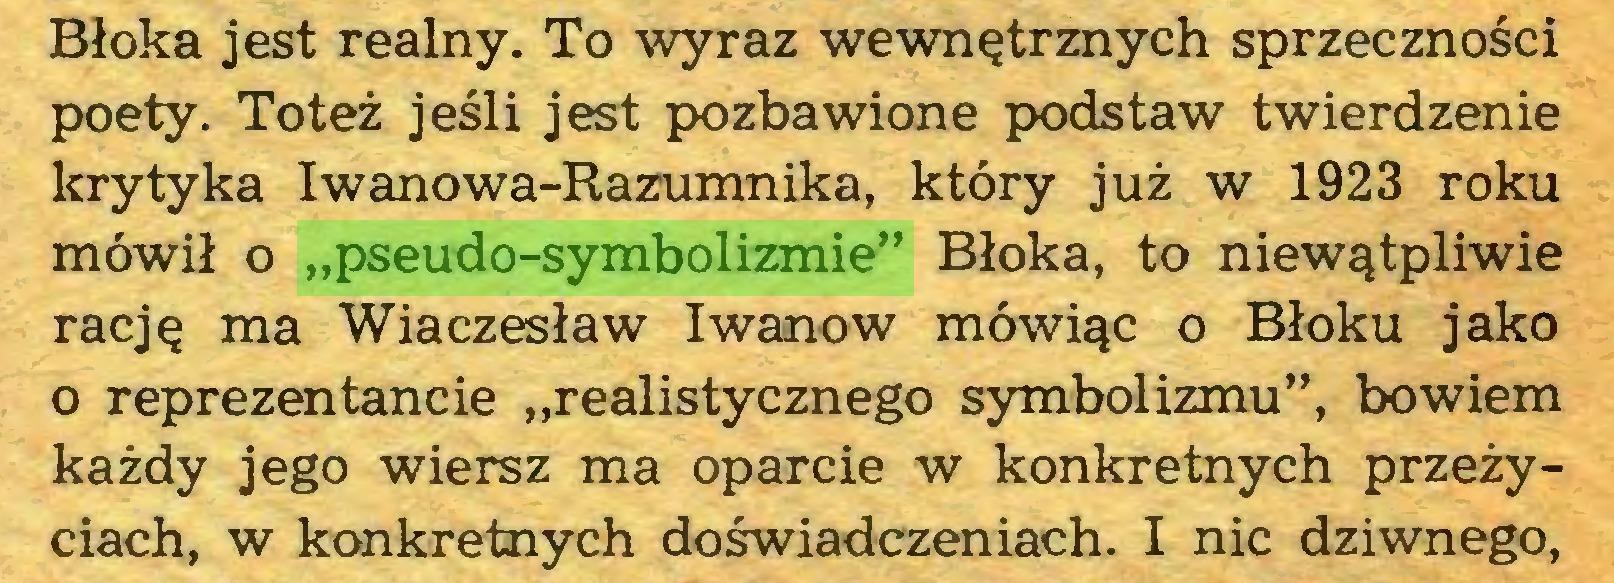 """(...) Błoka jest realny. To wyraz wewnętrznych sprzeczności poety. Toteż jeśli jest pozbawione podstaw twierdzenie krytyka Iwanowa-Razumnika, który już w 1923 roku mówił o """"pseudo-symbolizmie"""" Błoka, to niewątpliwie rację ma Wiaczesław Iwanow mówiąc o Błoku jako o reprezentancie """"realistycznego symbolizmu"""", bowiem każdy jego wiersz ma oparcie w konkretnych przeżyciach, w konkretnych doświadczeniach. I nic dziwnego,..."""